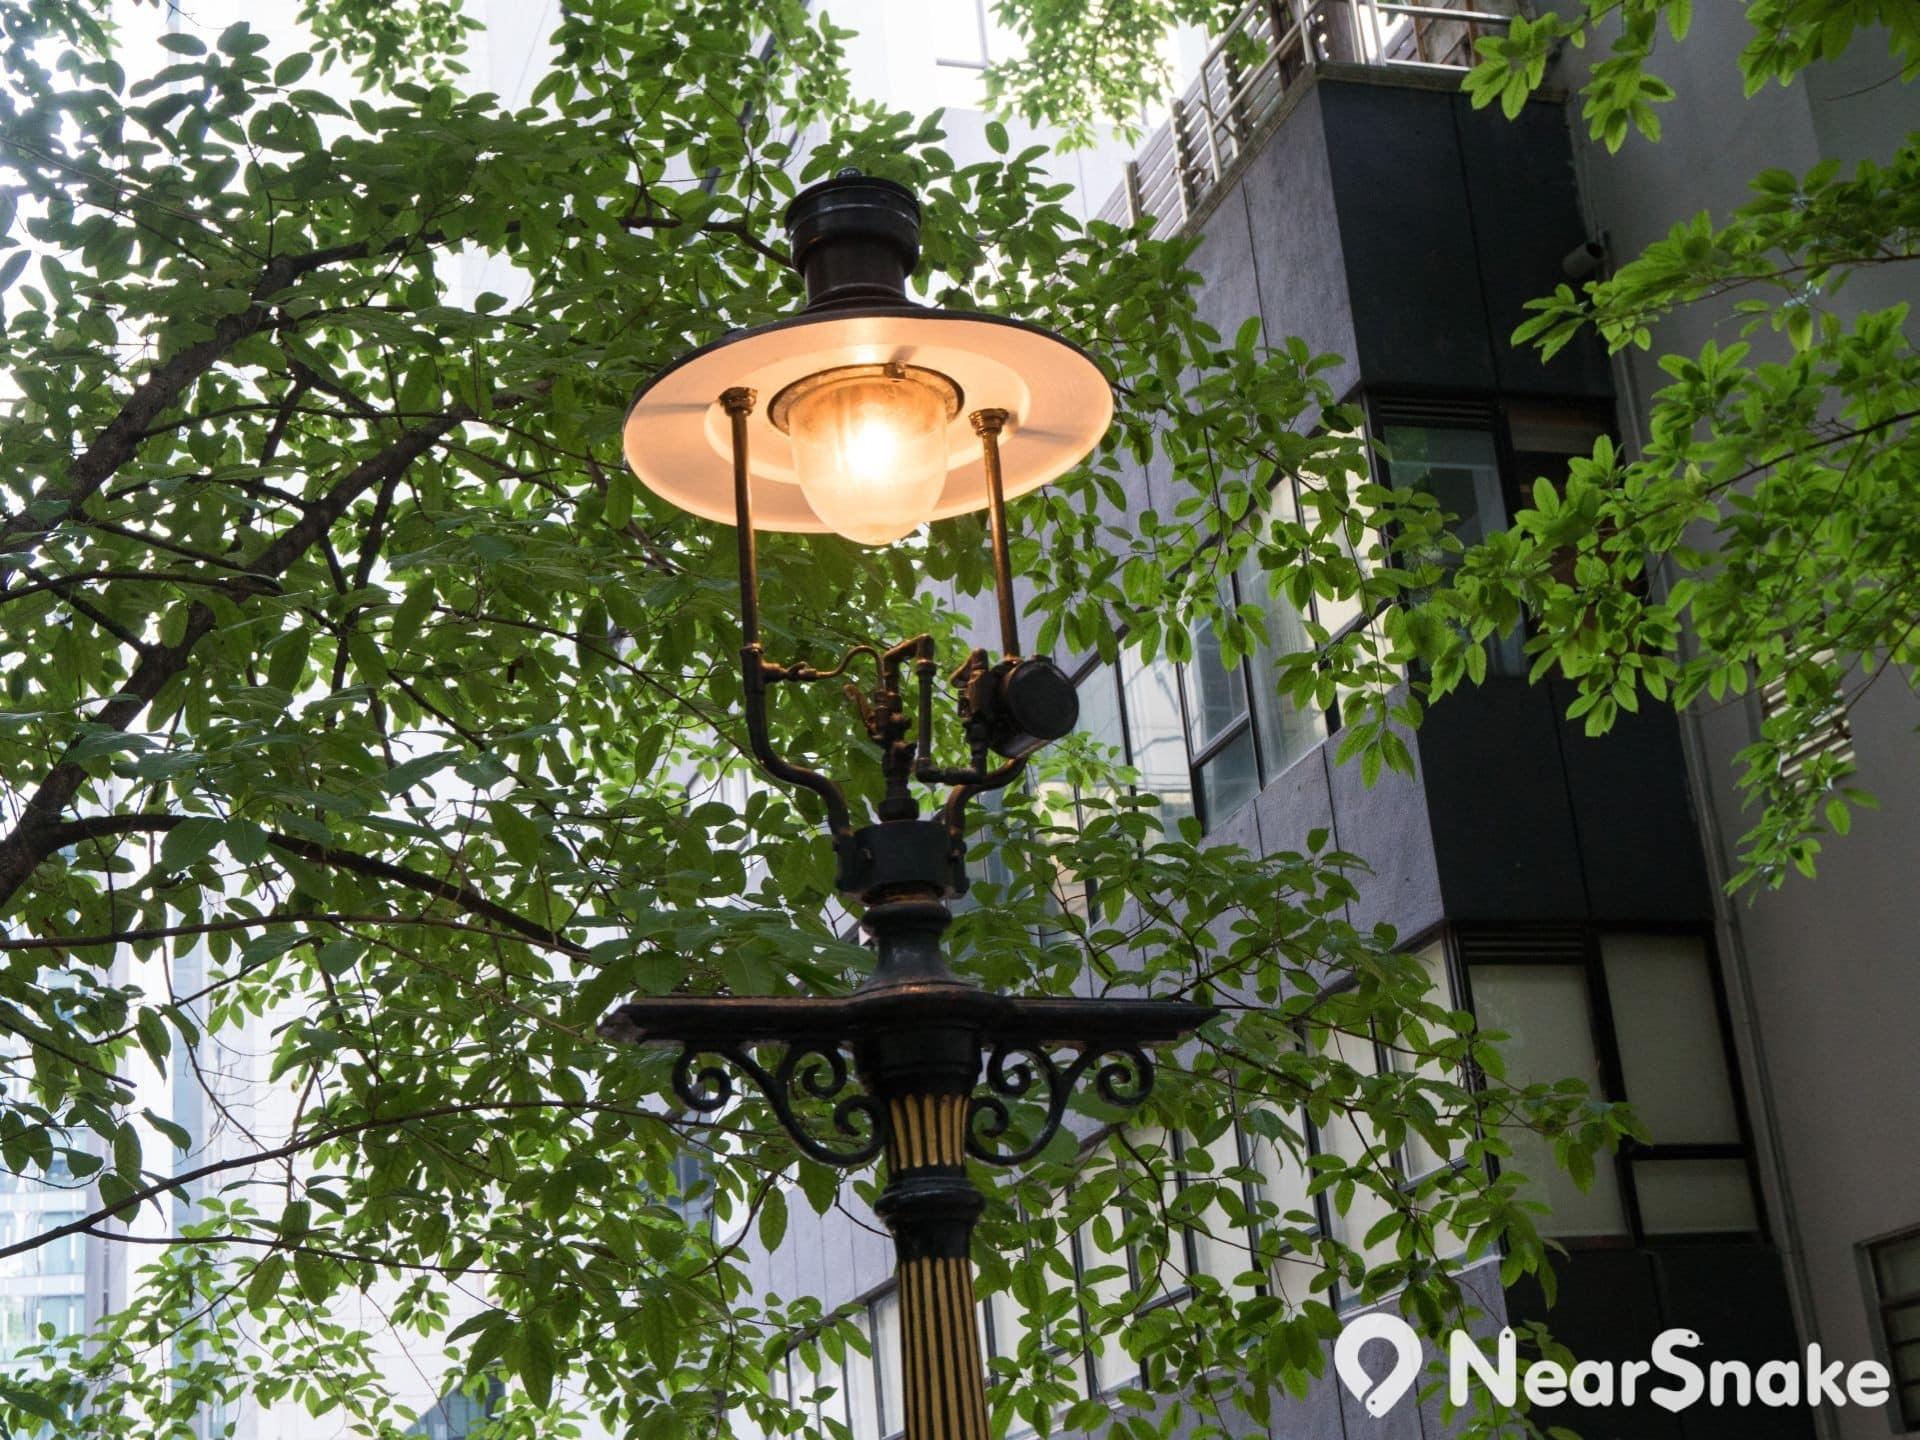 1984 年市政局為都爹利街煤氣燈在英國訂造燈紗及燈罩。